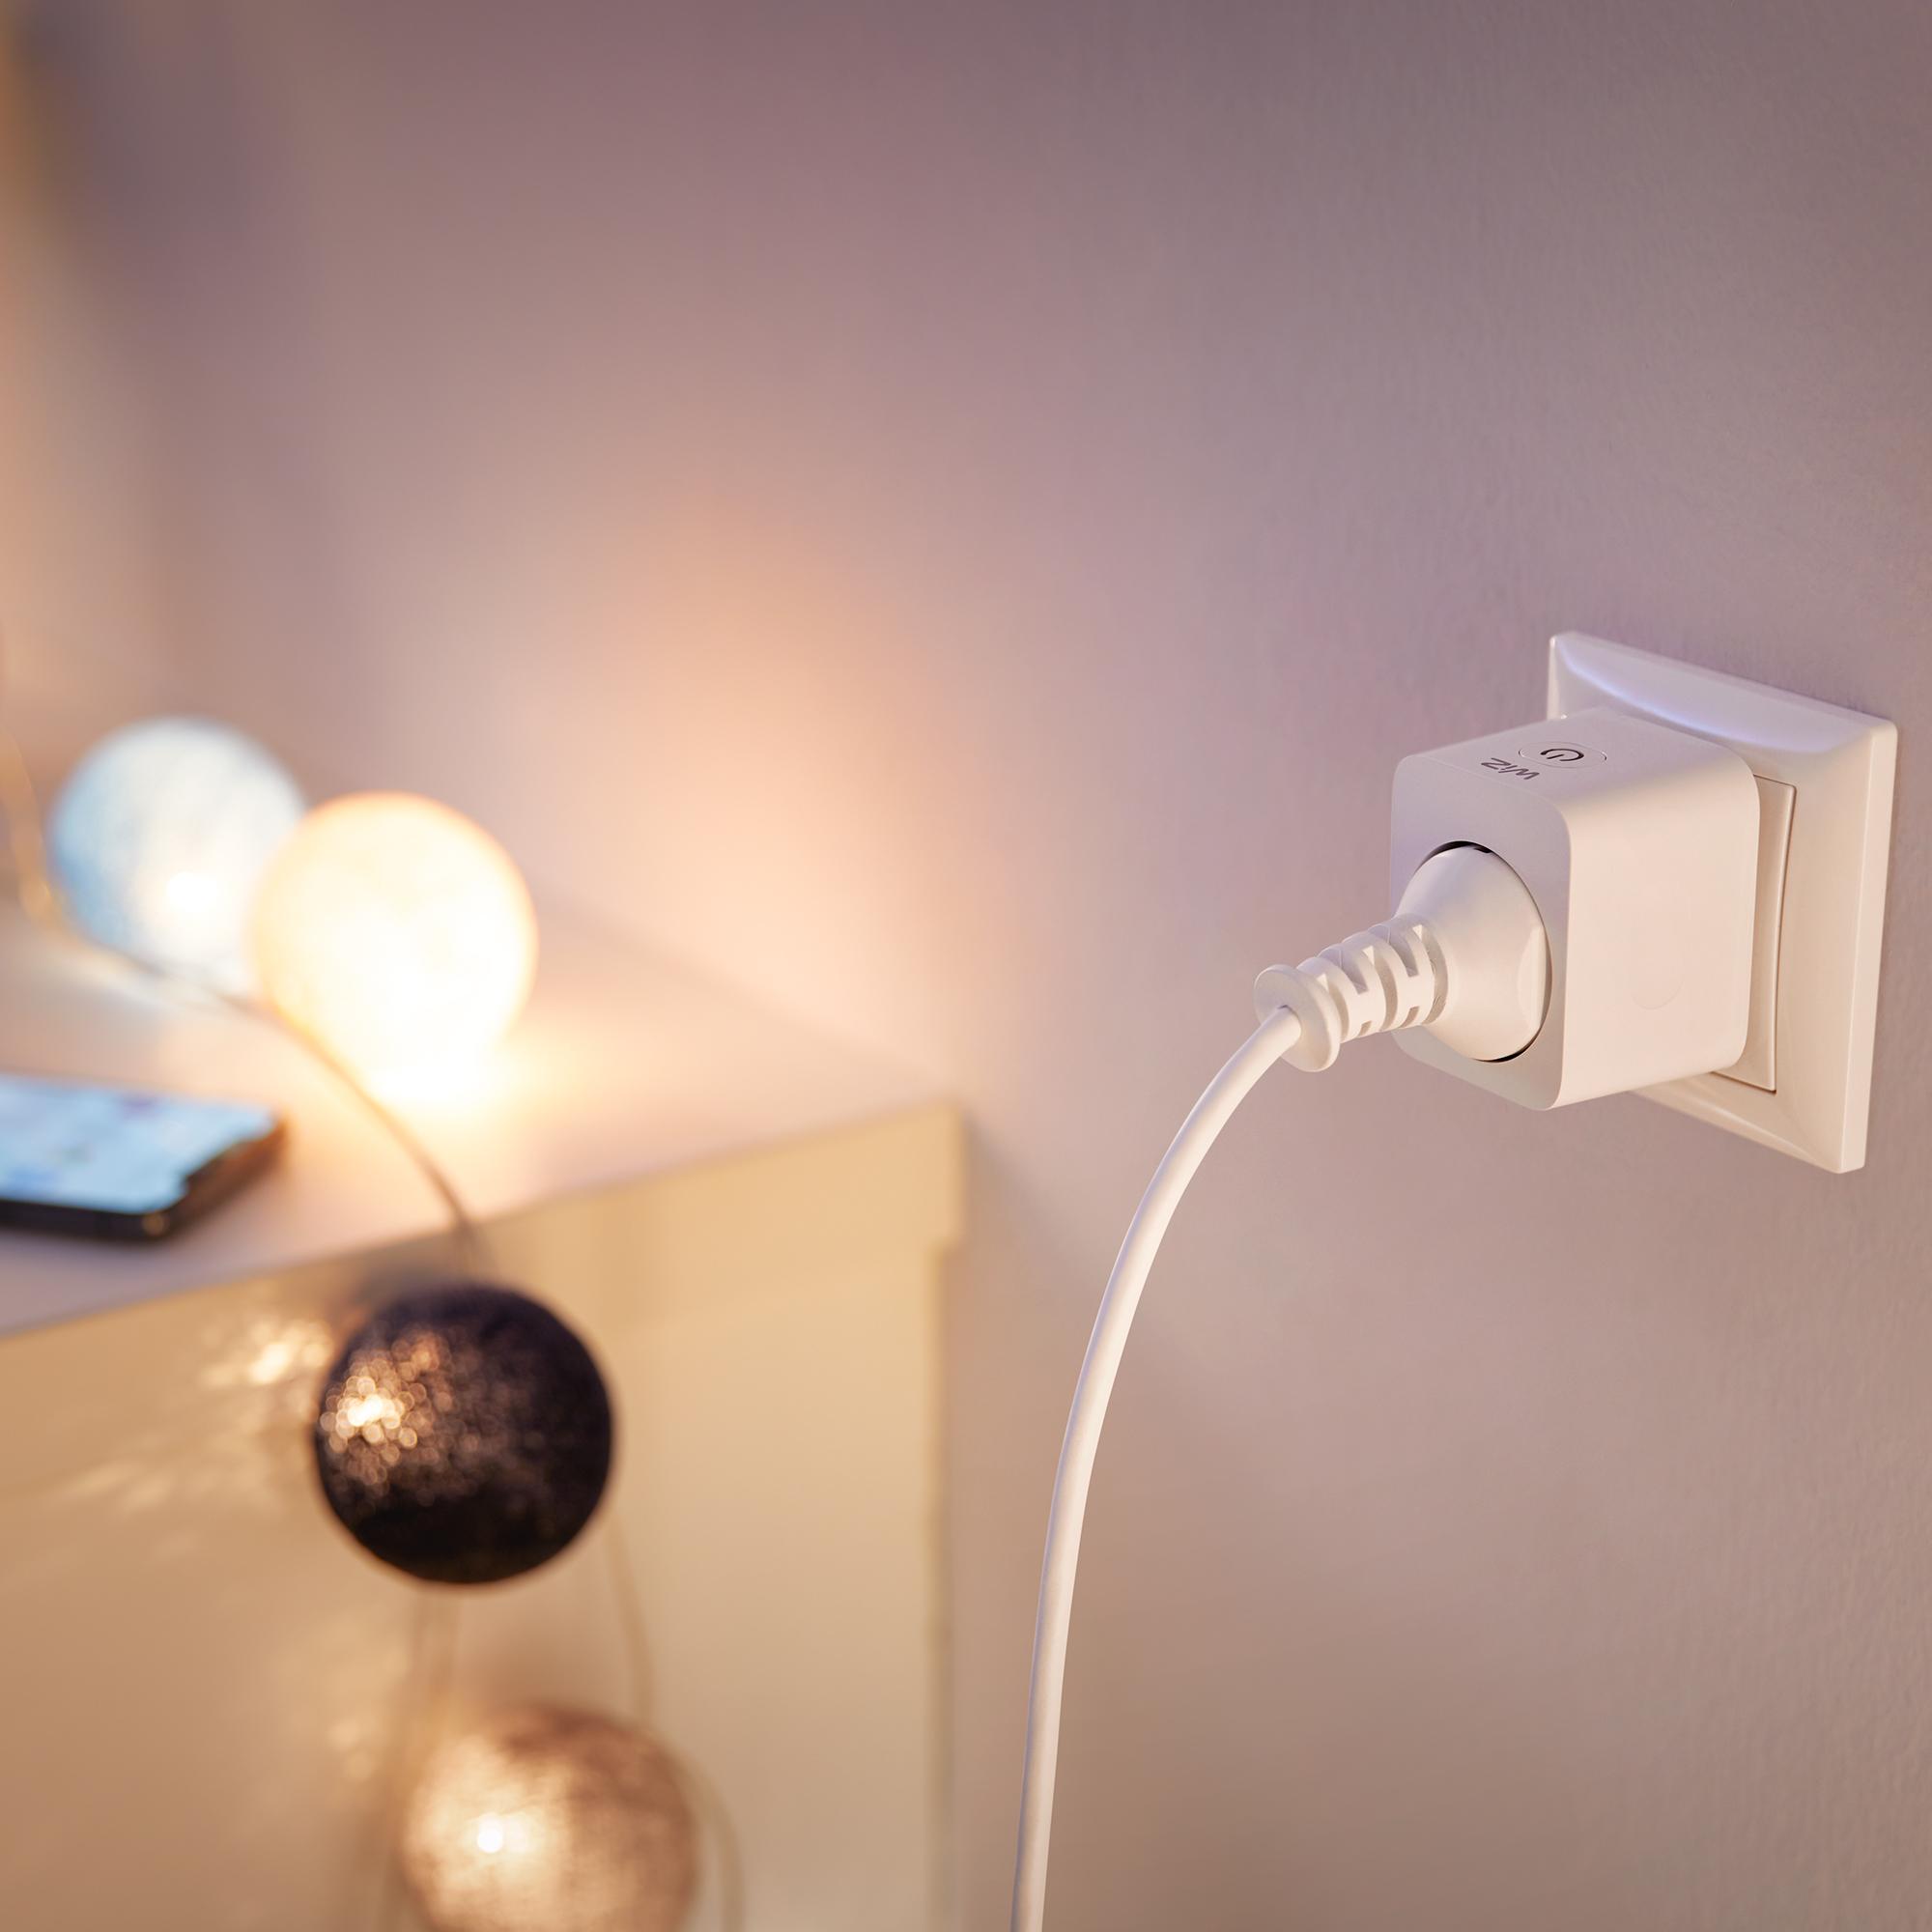 WiZ_Smart_Plug